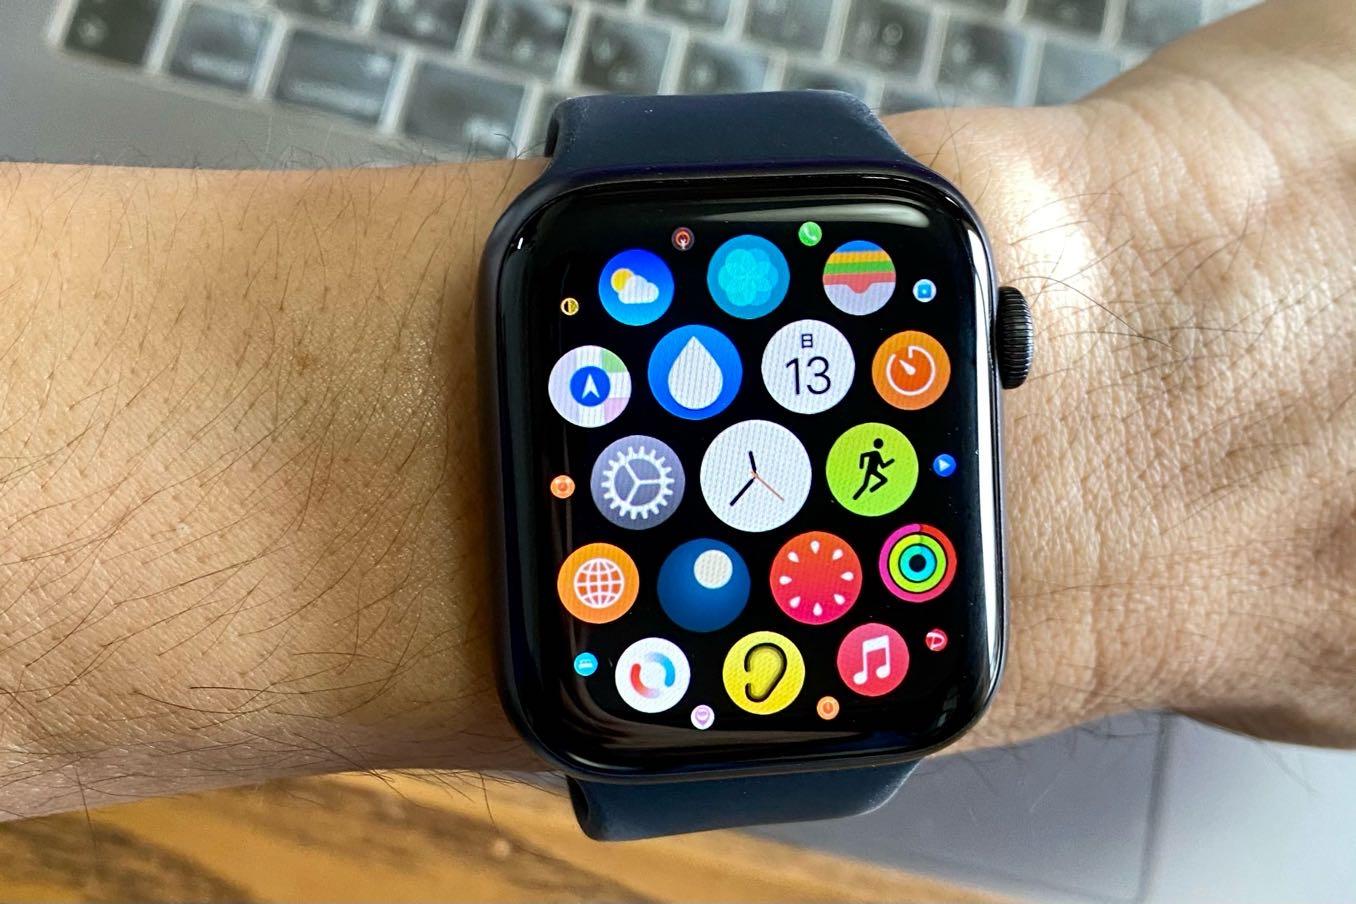 Apple Watchは画面が小さすぎる